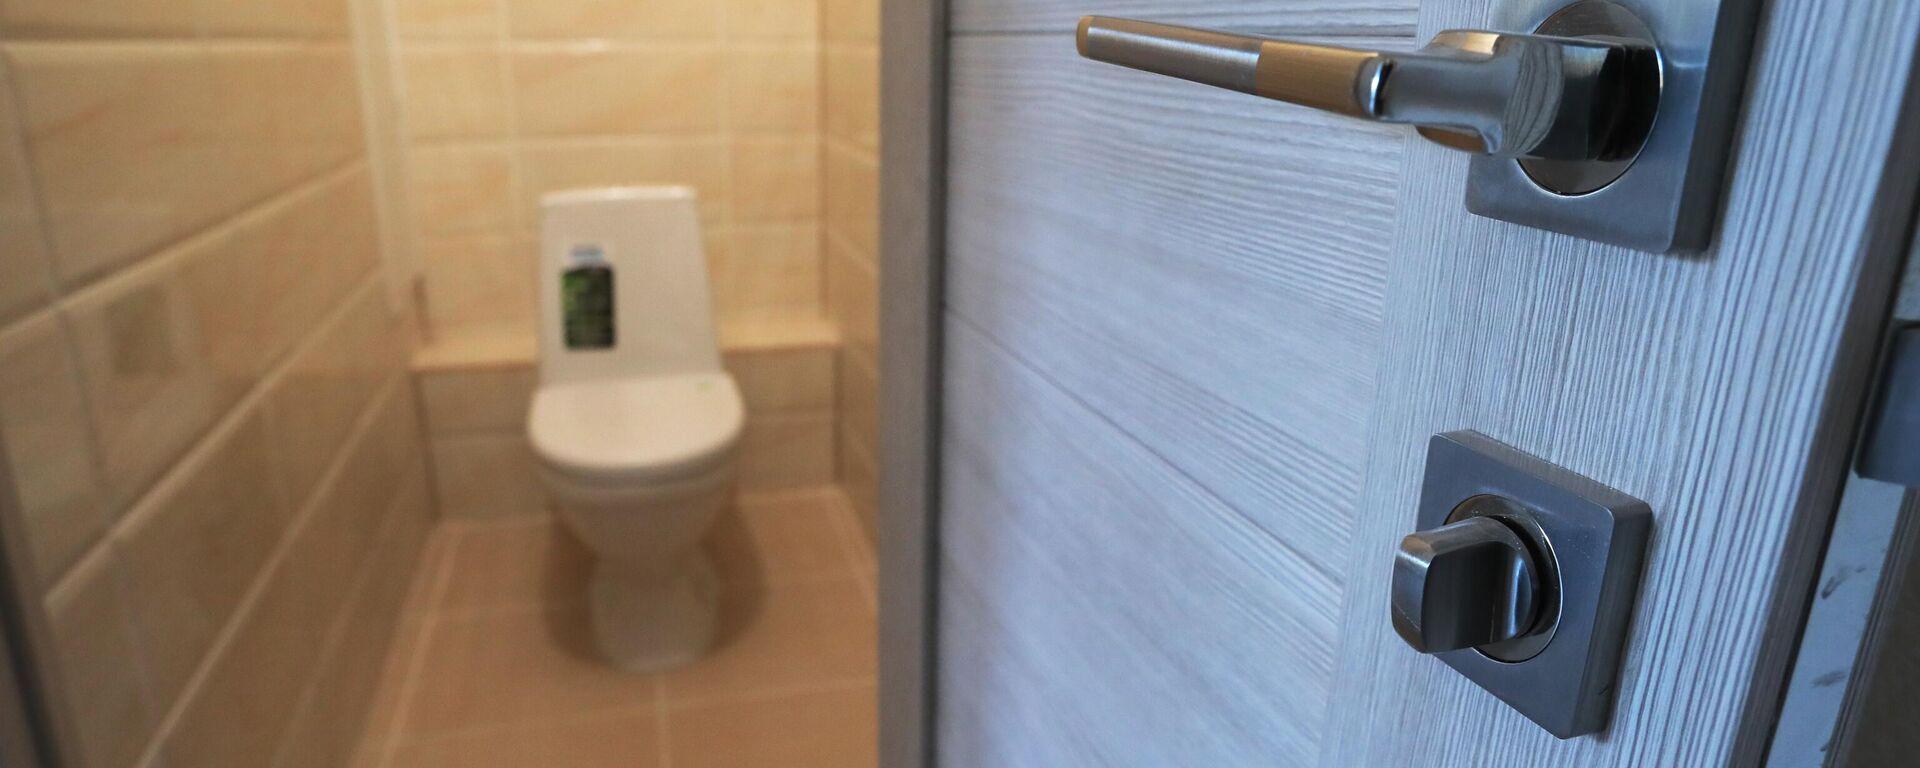 Toilette (Symbolbid) - SNA, 1920, 09.07.2021